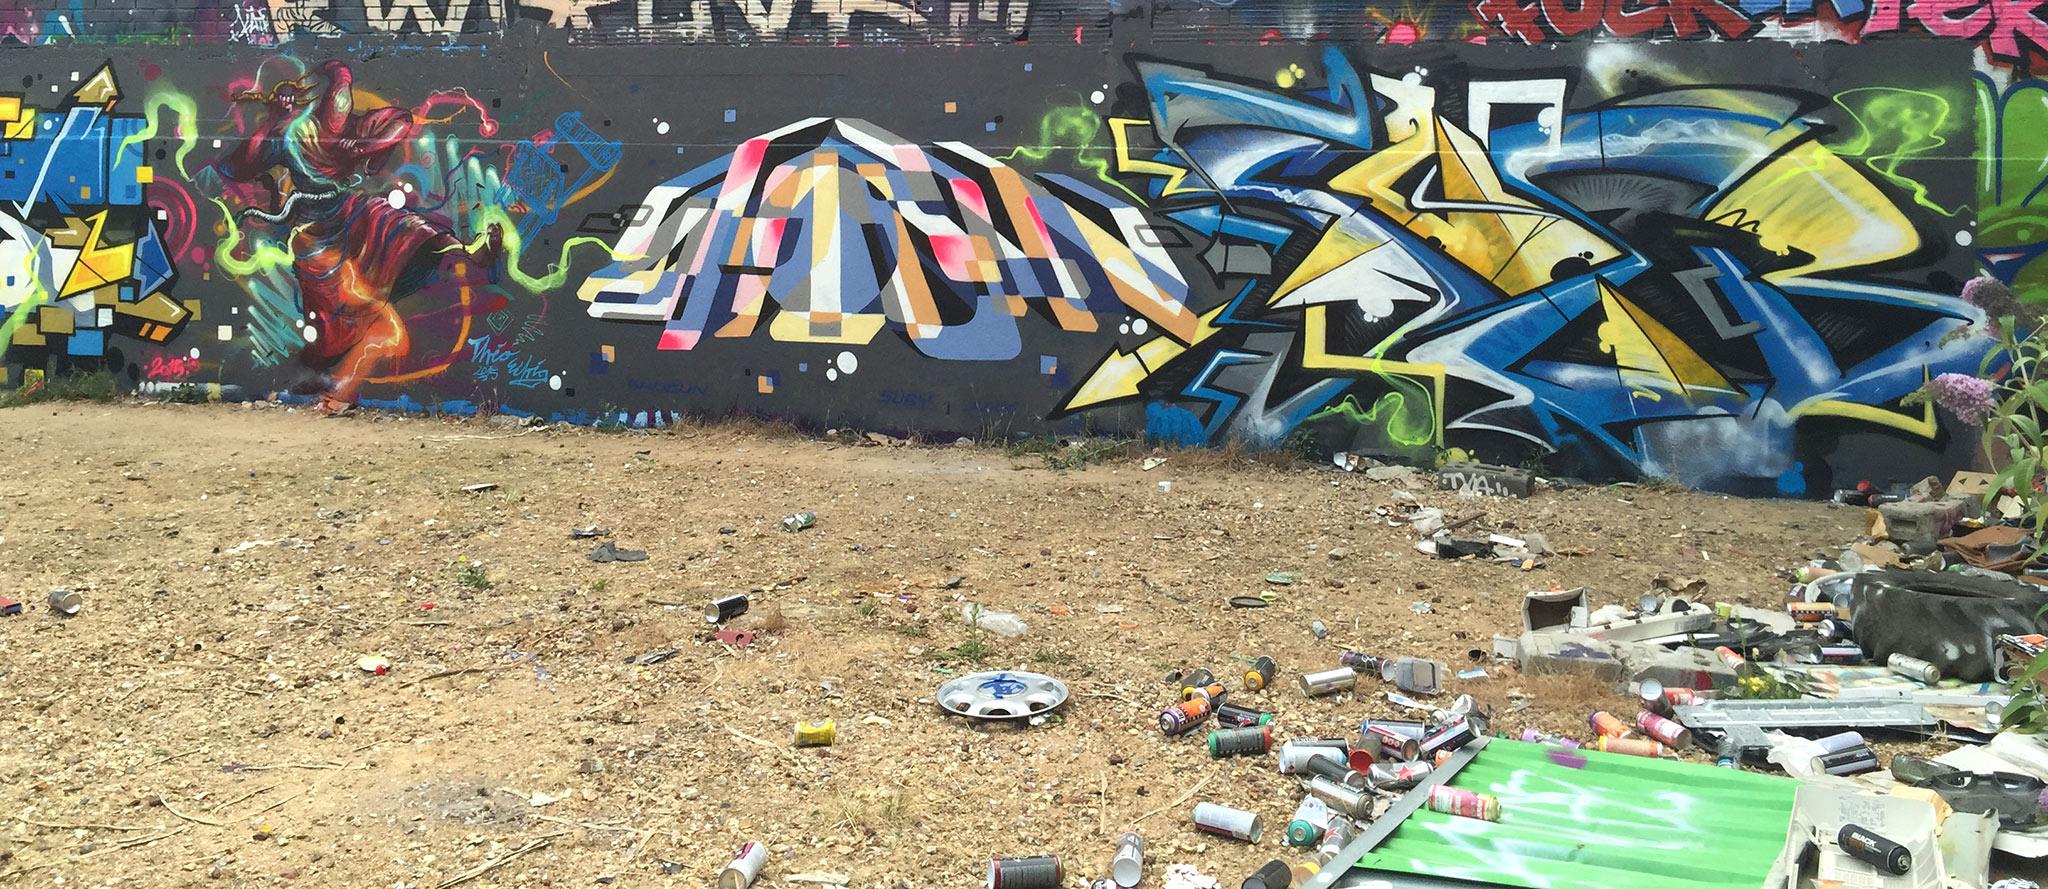 shogun_graffiti_paris_2015_secondwall_2